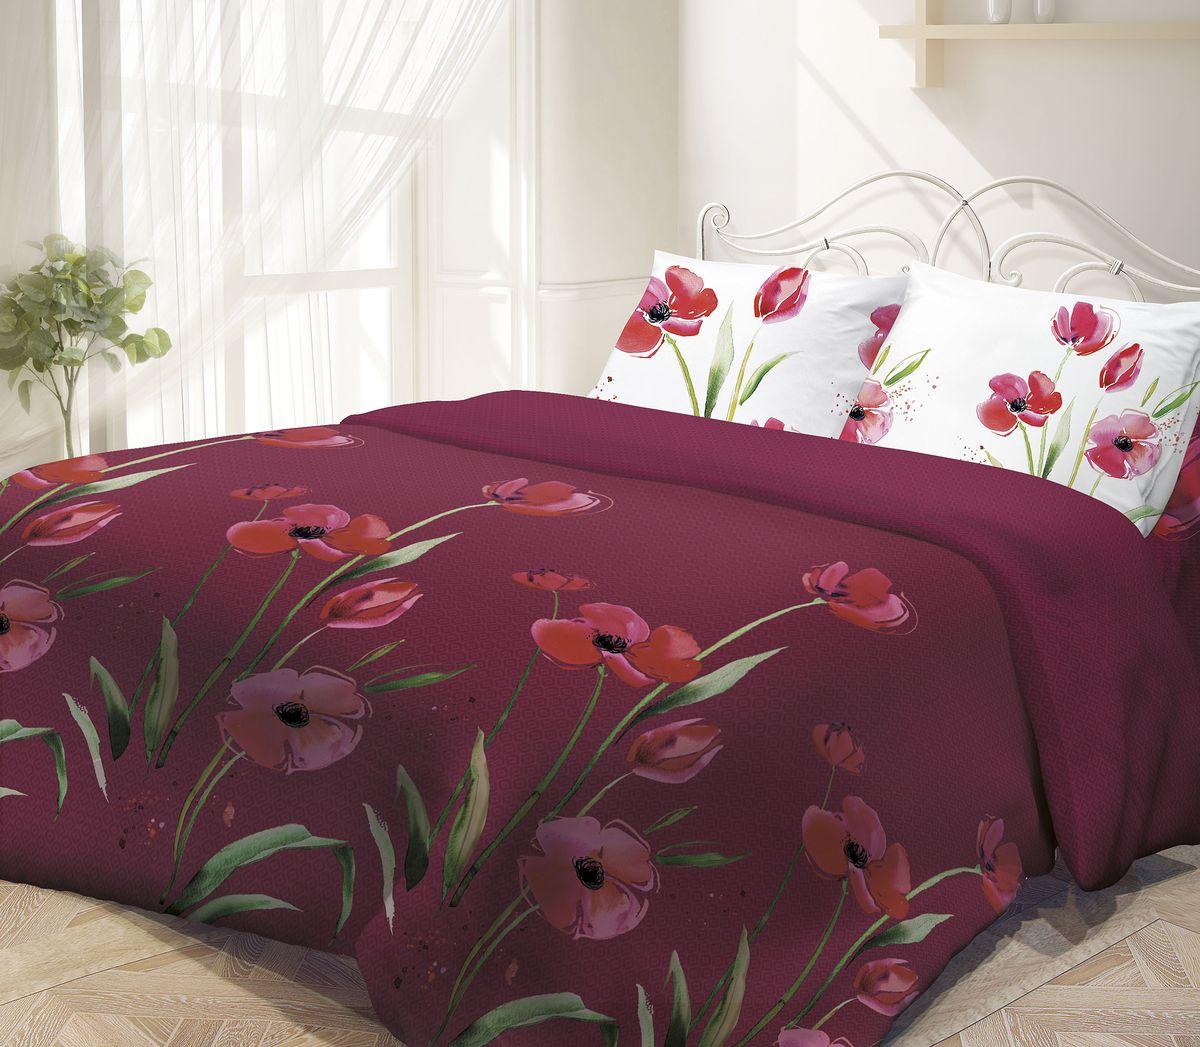 Комплект белья Гармония, 1,5-спальный, наволочки 50х70, цвет: белый, бордовый190818Комплект постельного белья Гармония является экологически безопасным, так как выполнен из поплина (100% хлопка). Комплект состоит из пододеяльника, простыни и двух наволочек. Постельное белье оформлено изображением цветов и имеет изысканный внешний вид. Постельное белье Гармония - лучший выбор для современной хозяйки! Его отличают демократичная цена и отличное качество. Поплин мягкий и приятный на ощупь. Кроме того, эта ткань не требует особого ухода, легко стирается и прекрасно держит форму. Высококачественные красители, которые используются при производстве постельного белья, сохраняют свой цвет даже после многочисленных стирок.